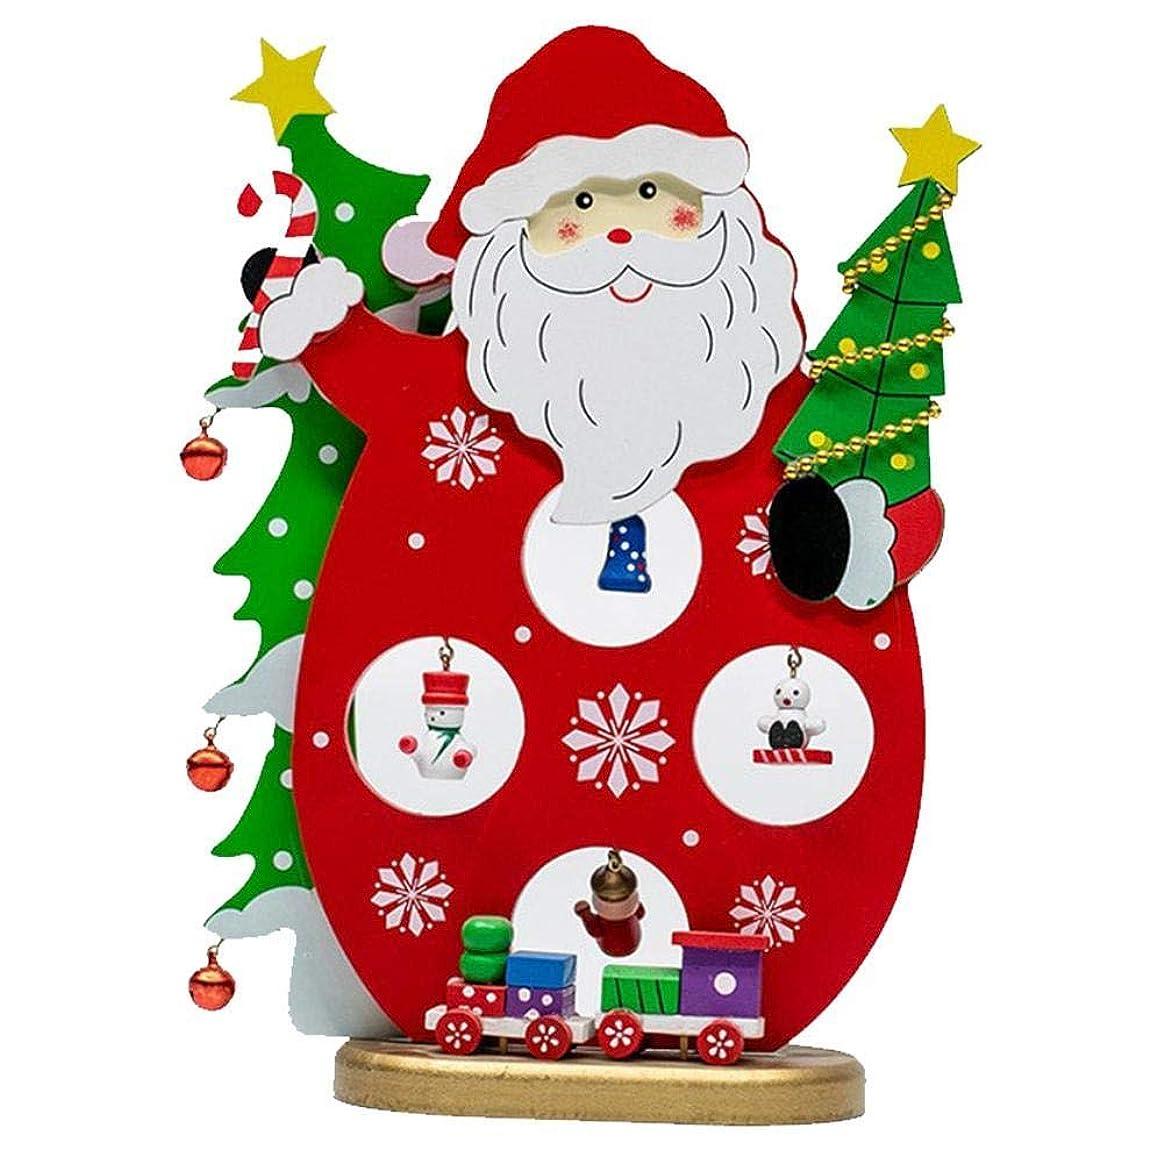 どうやってシエスタ哀(トラベリング ライト) Traveling Light クリスマス ベル ゴールデン クリスマスツリー 飾り オーナメント デコレーション プレゼント リボン付 吊り下げ 装飾グッズ